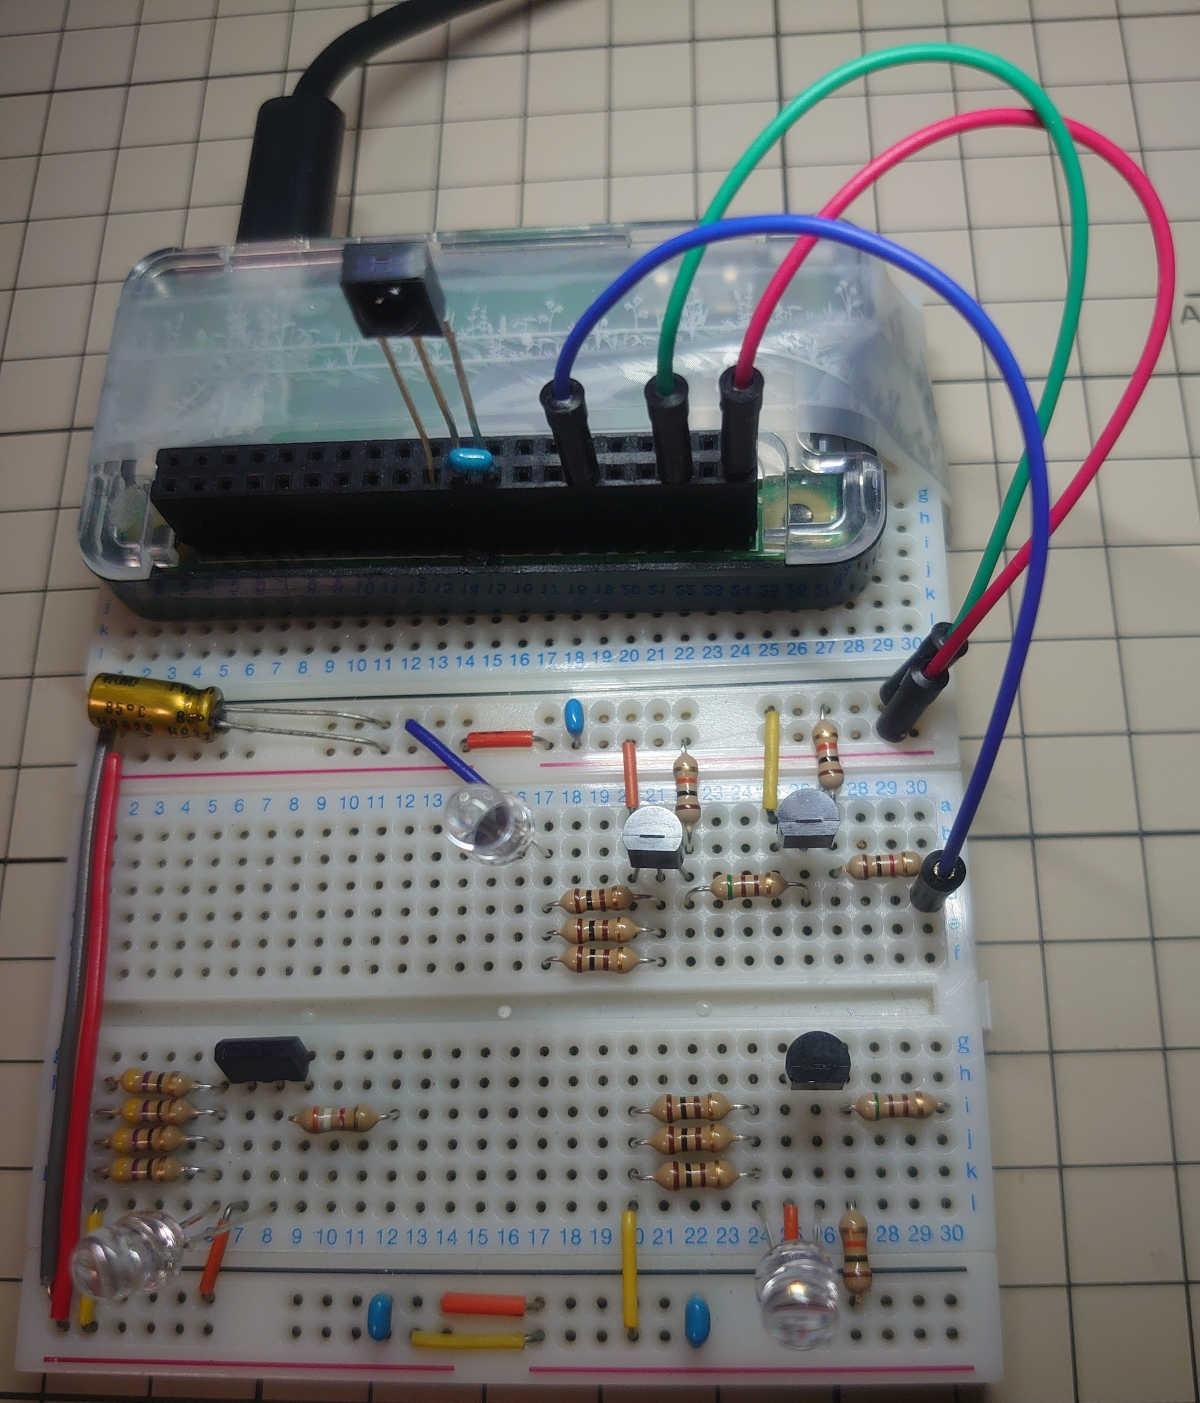 PNPトランジスタ 2SA1015回路とラズパイを接続する